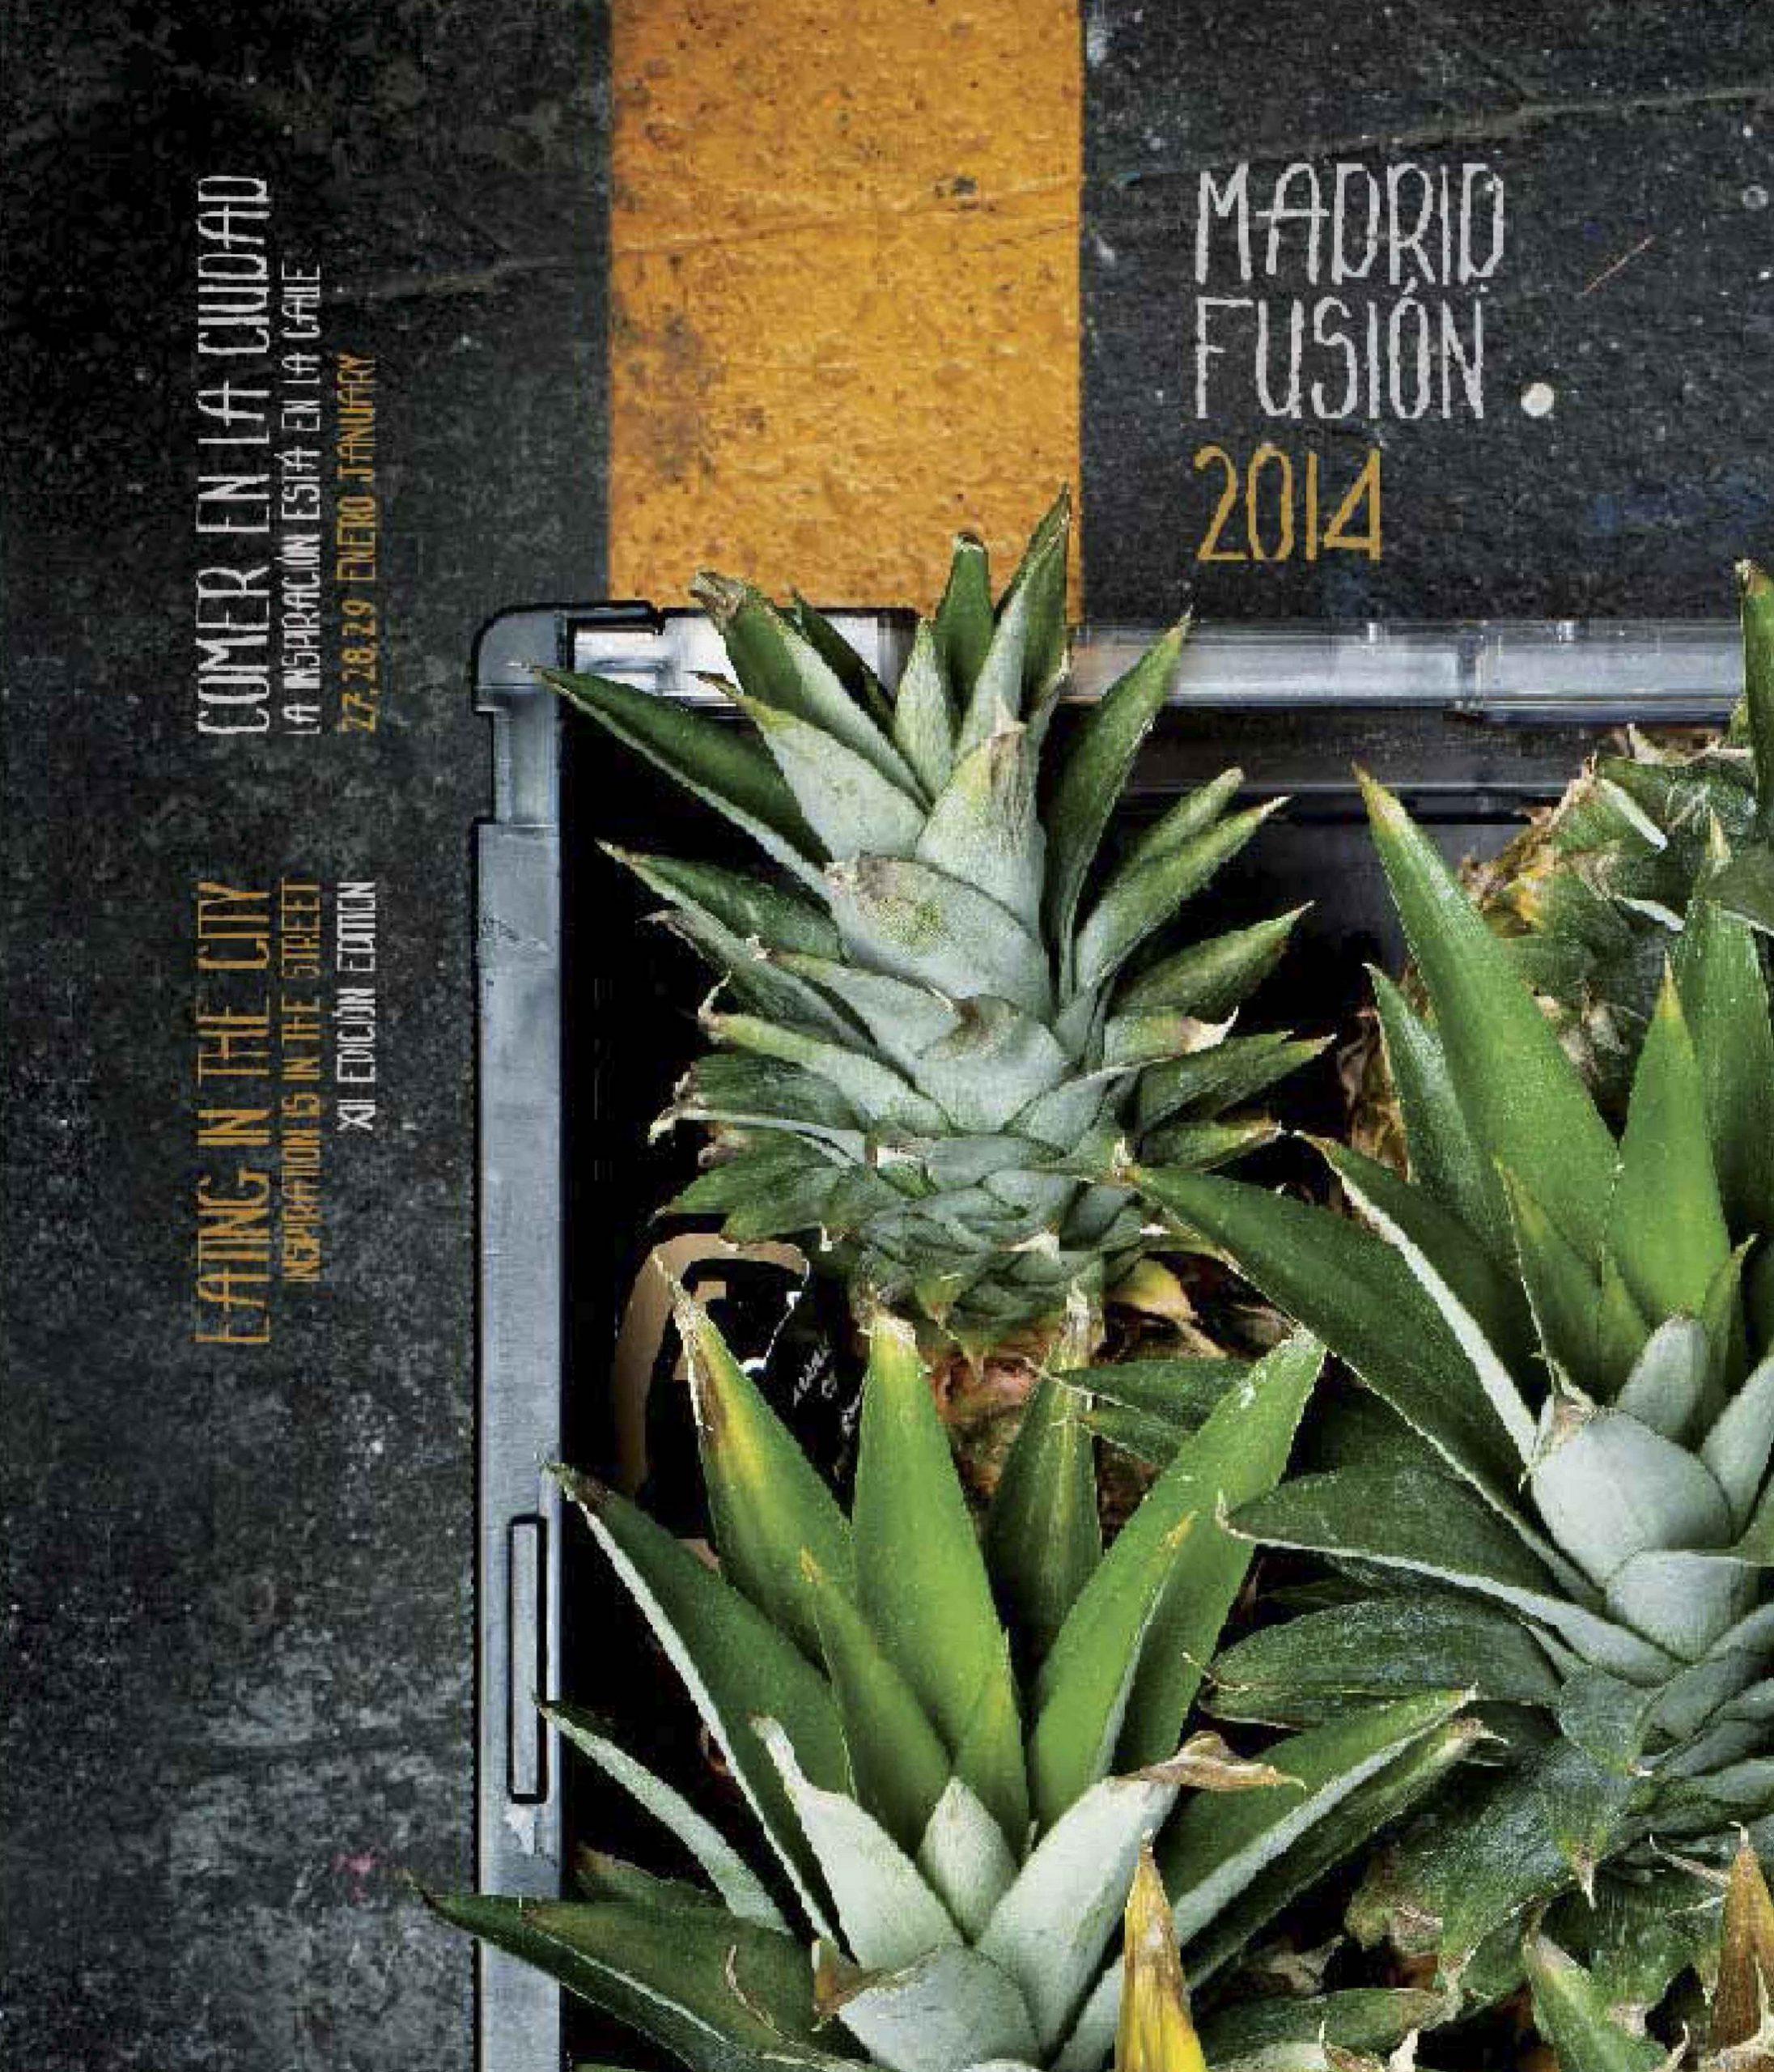 Madrid Fusión 2014, la inspiración está en la calle